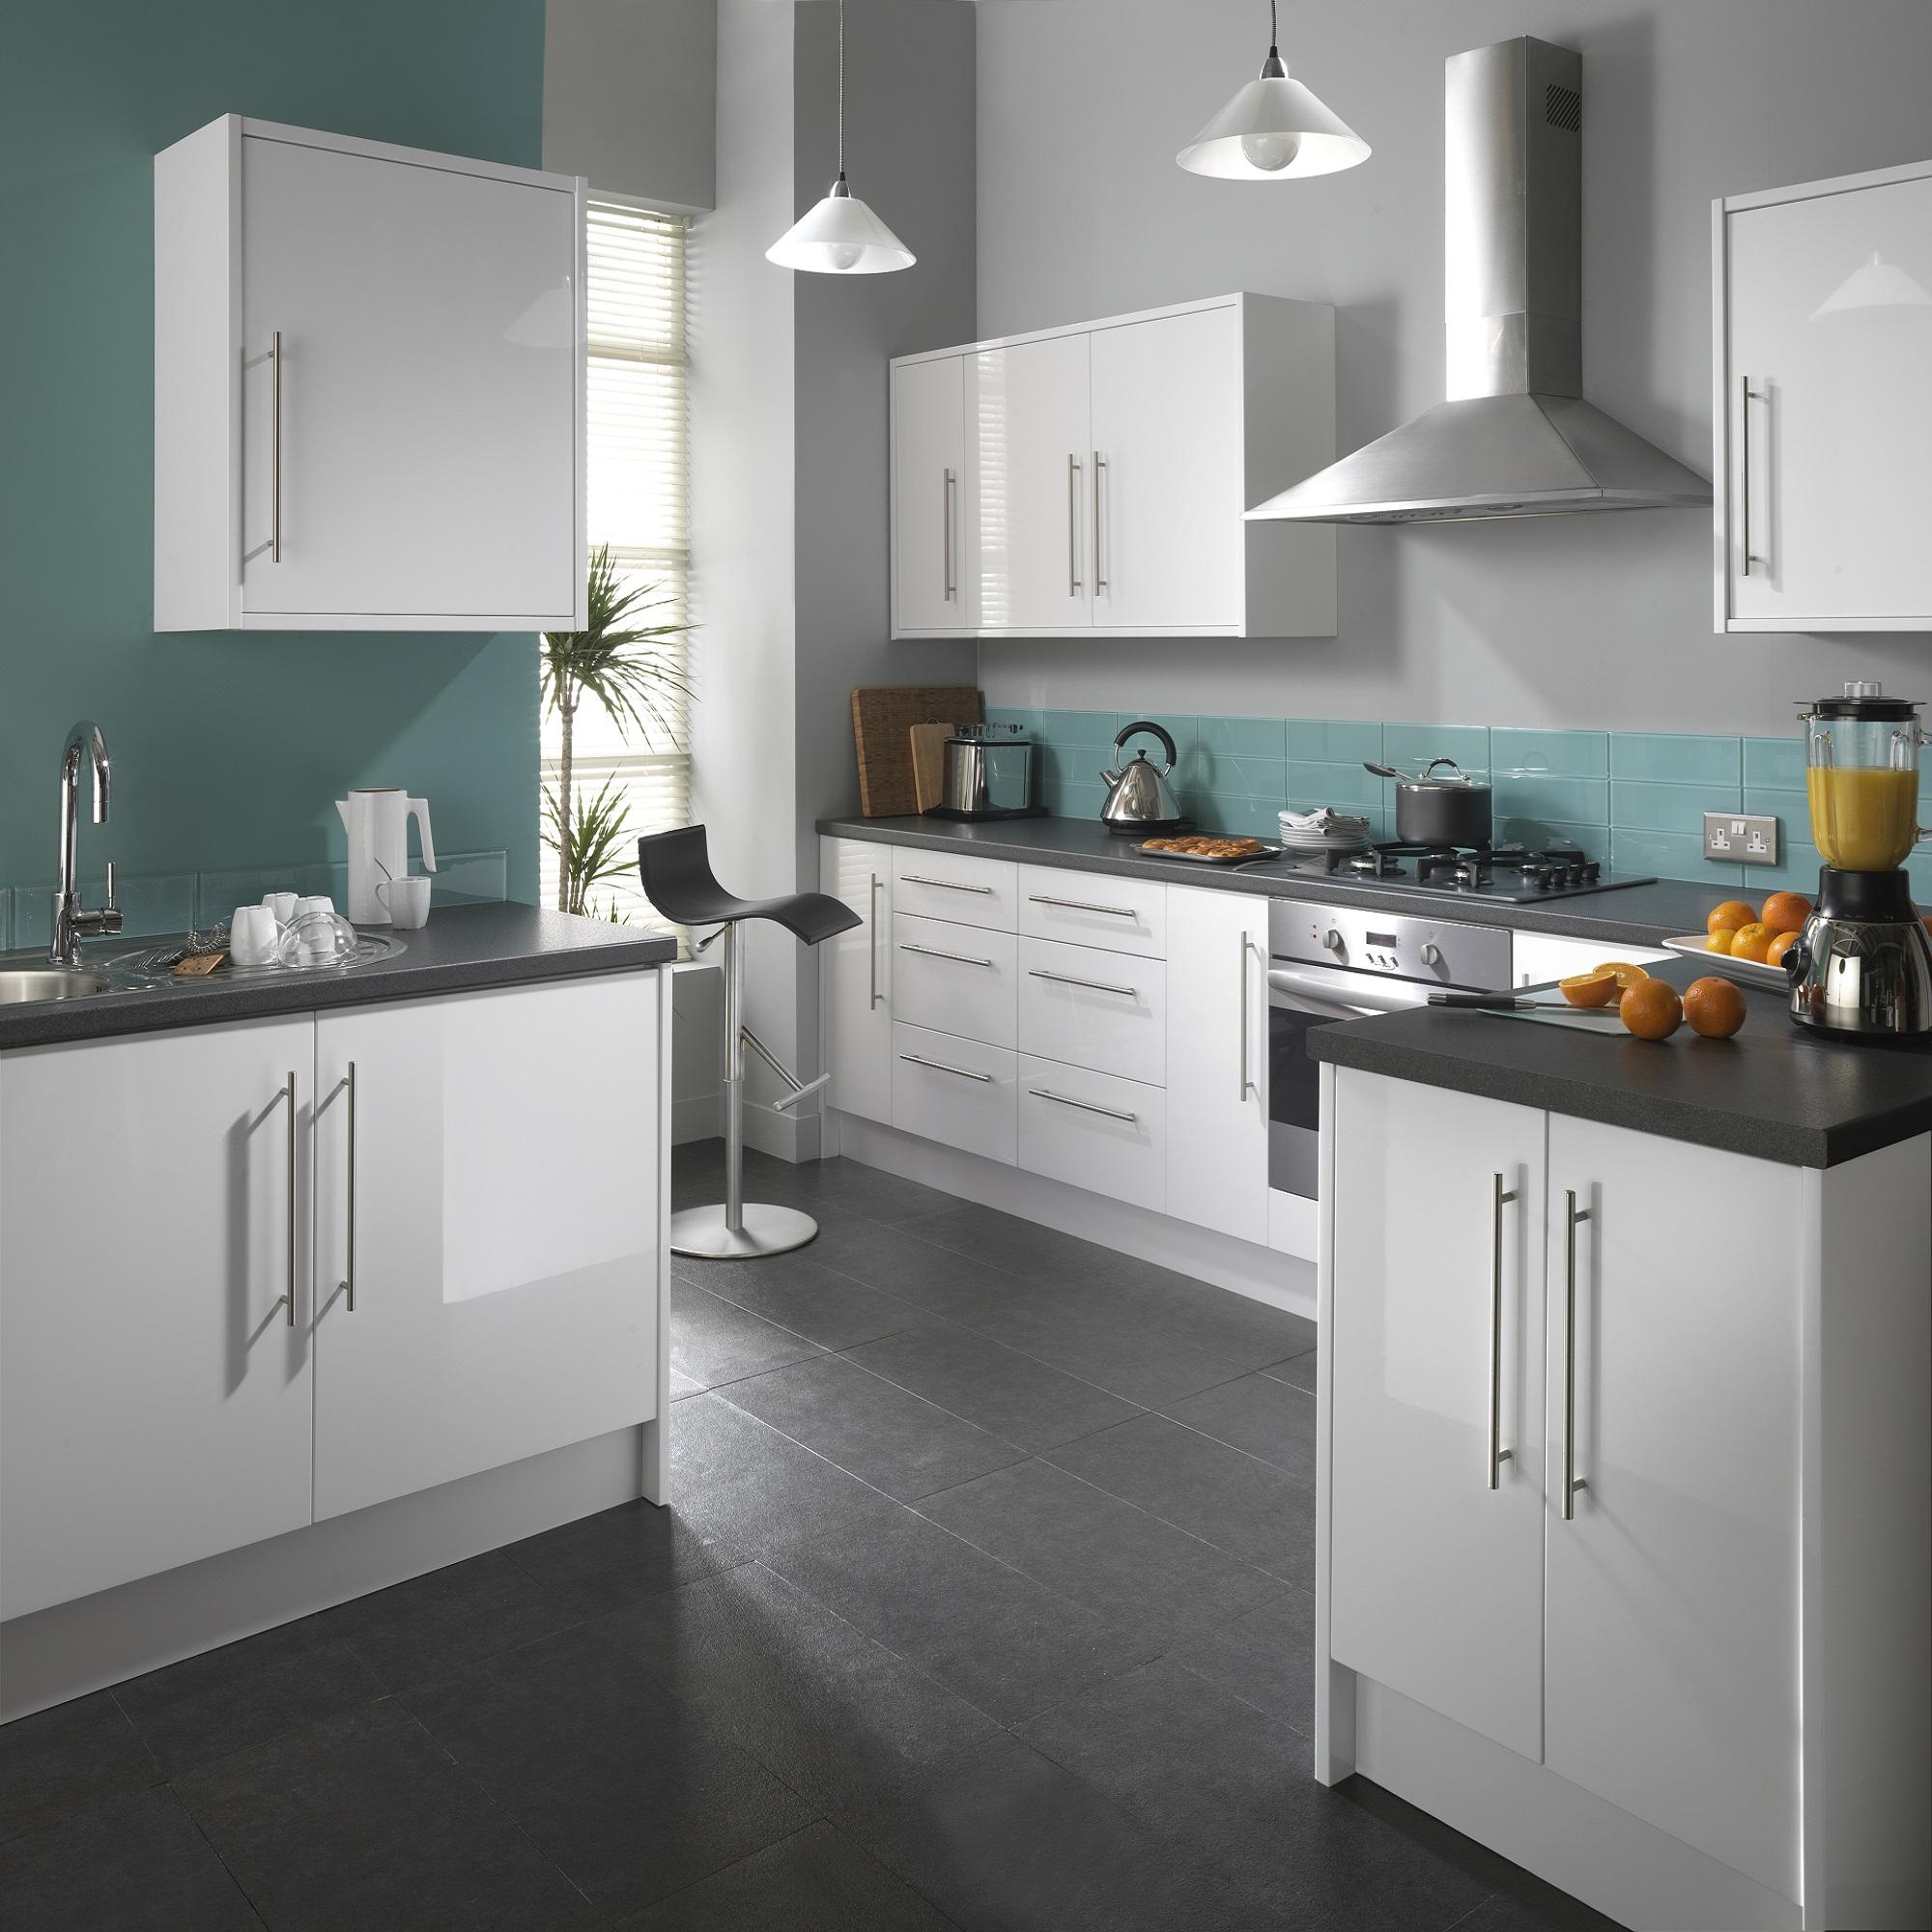 Keukenverlichting Gamma : Keukenmeubelen Alles in keukenmeubelen